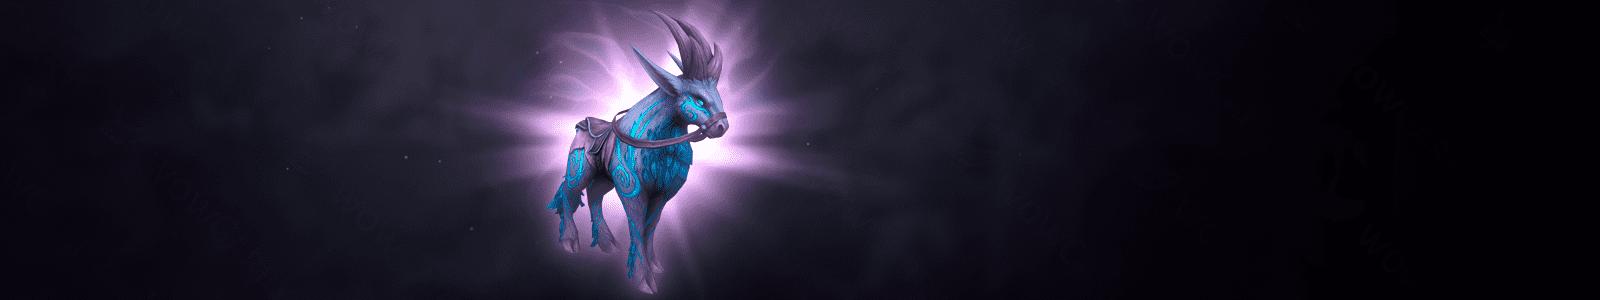 Dreamlight Runestag